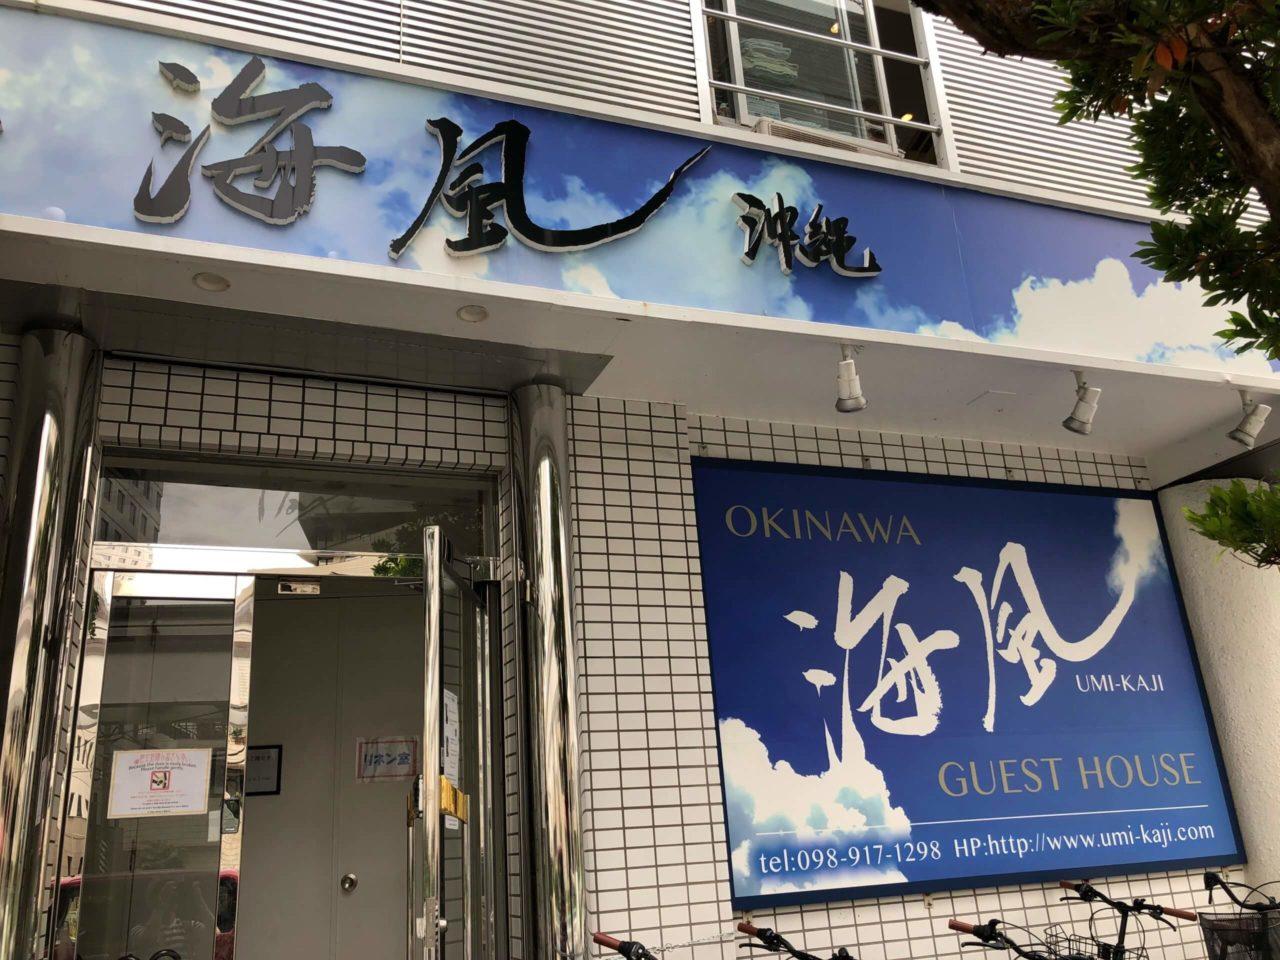 IMG 6316 scaled - 【沖縄 那覇】ゲストハウス海風は国際通り近くて清潔で快適なオススメの安宿!